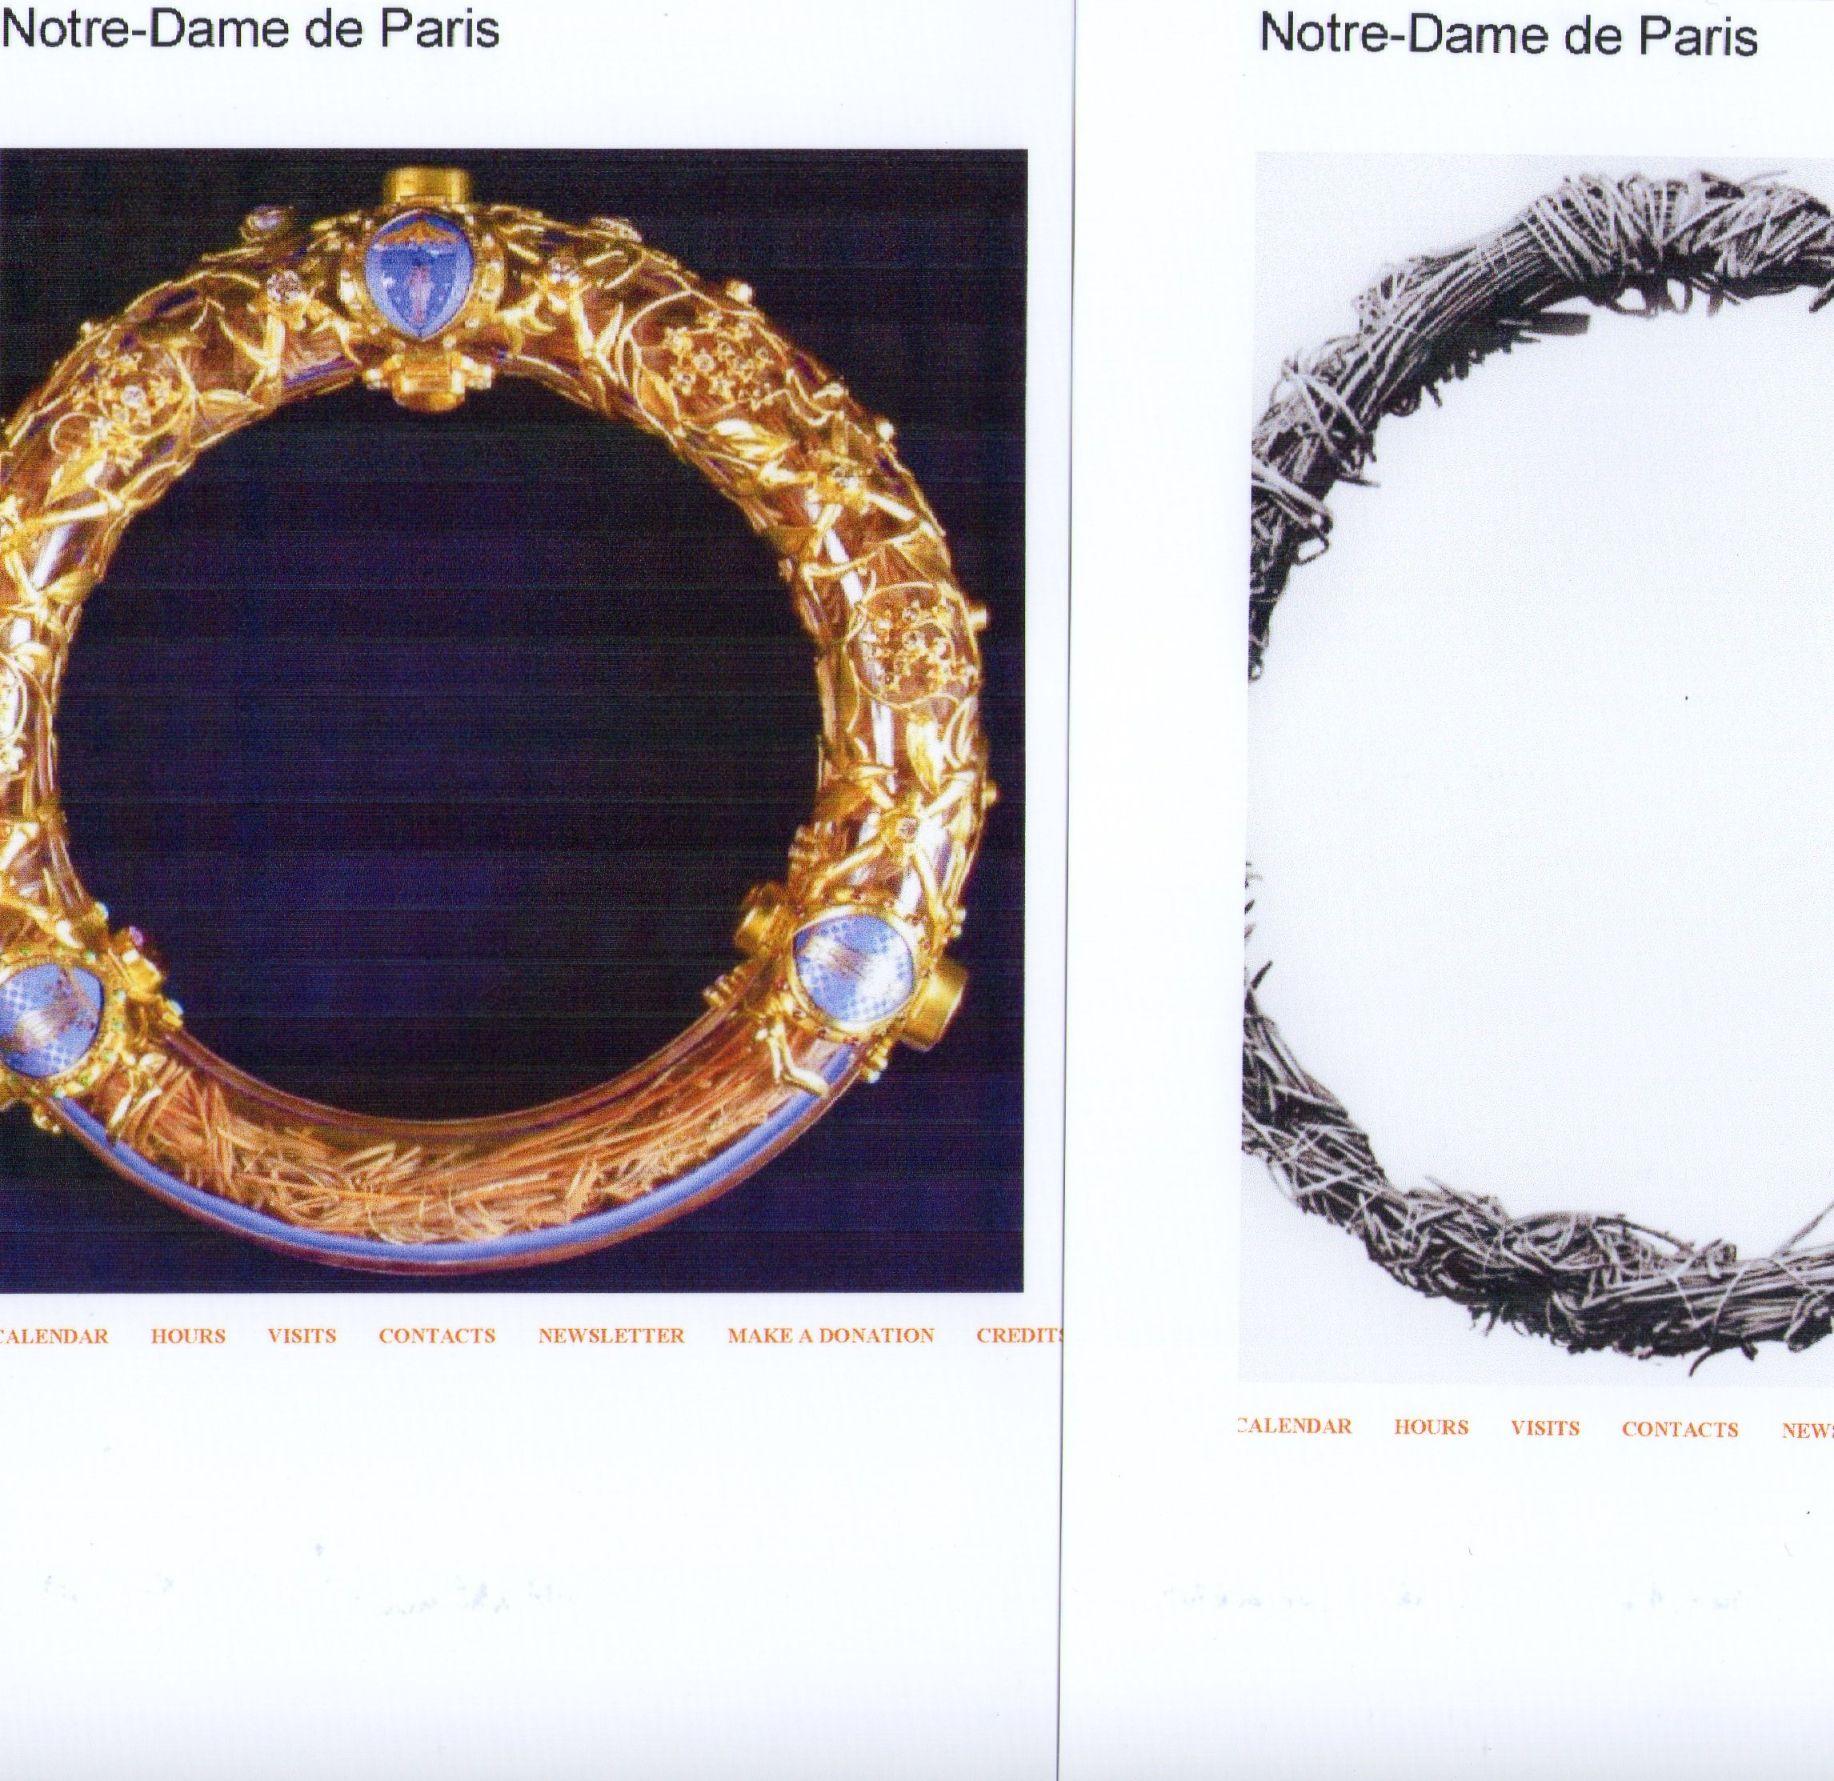 Photo 7 Crown part in Notre Dame Paris